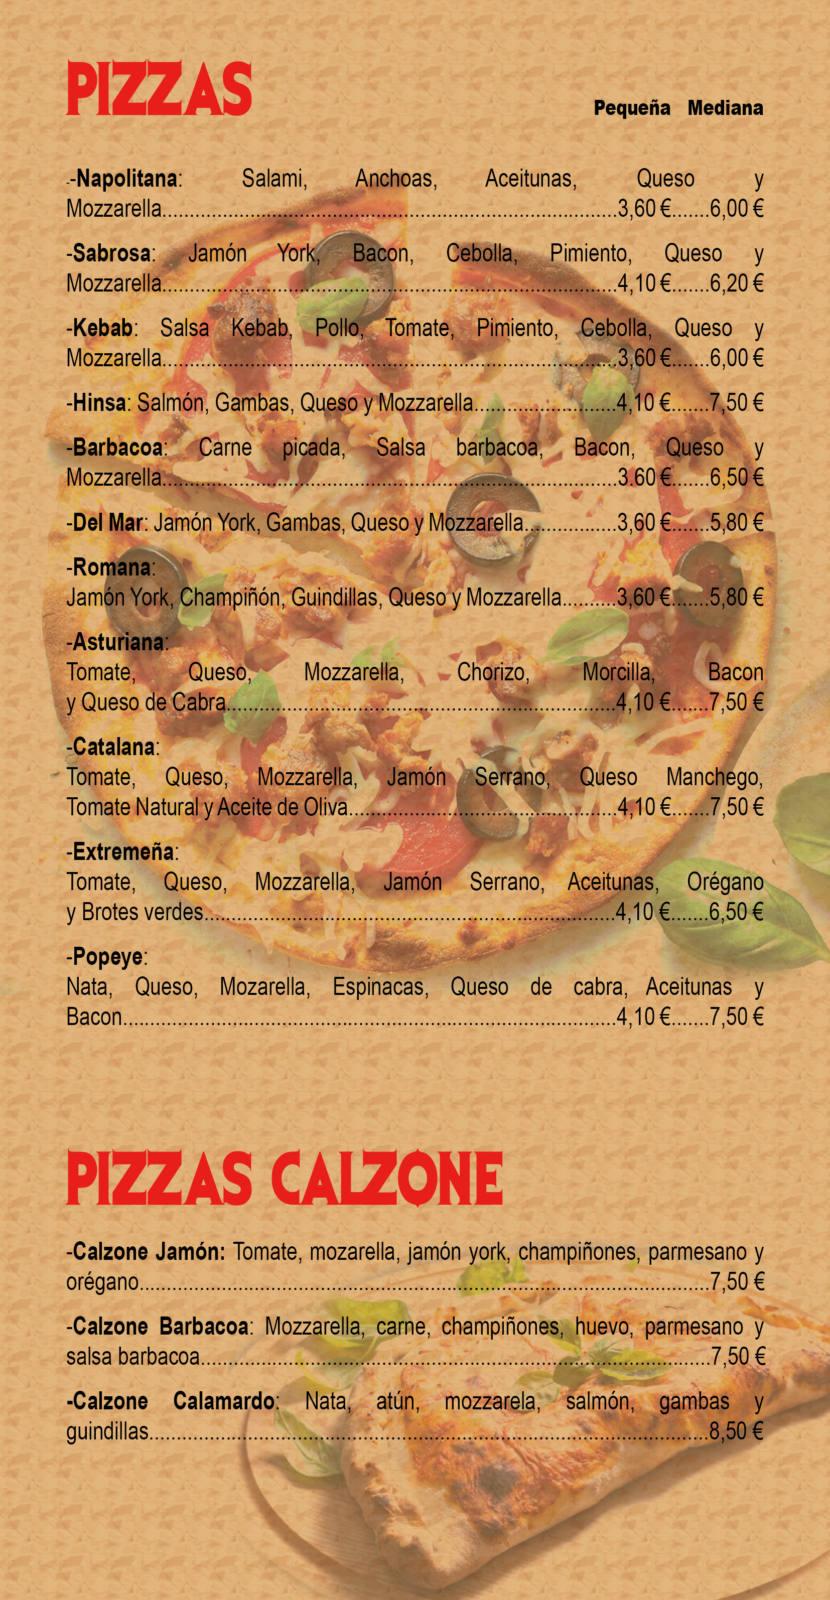 carta de productos - pizzas y pizzas calzone